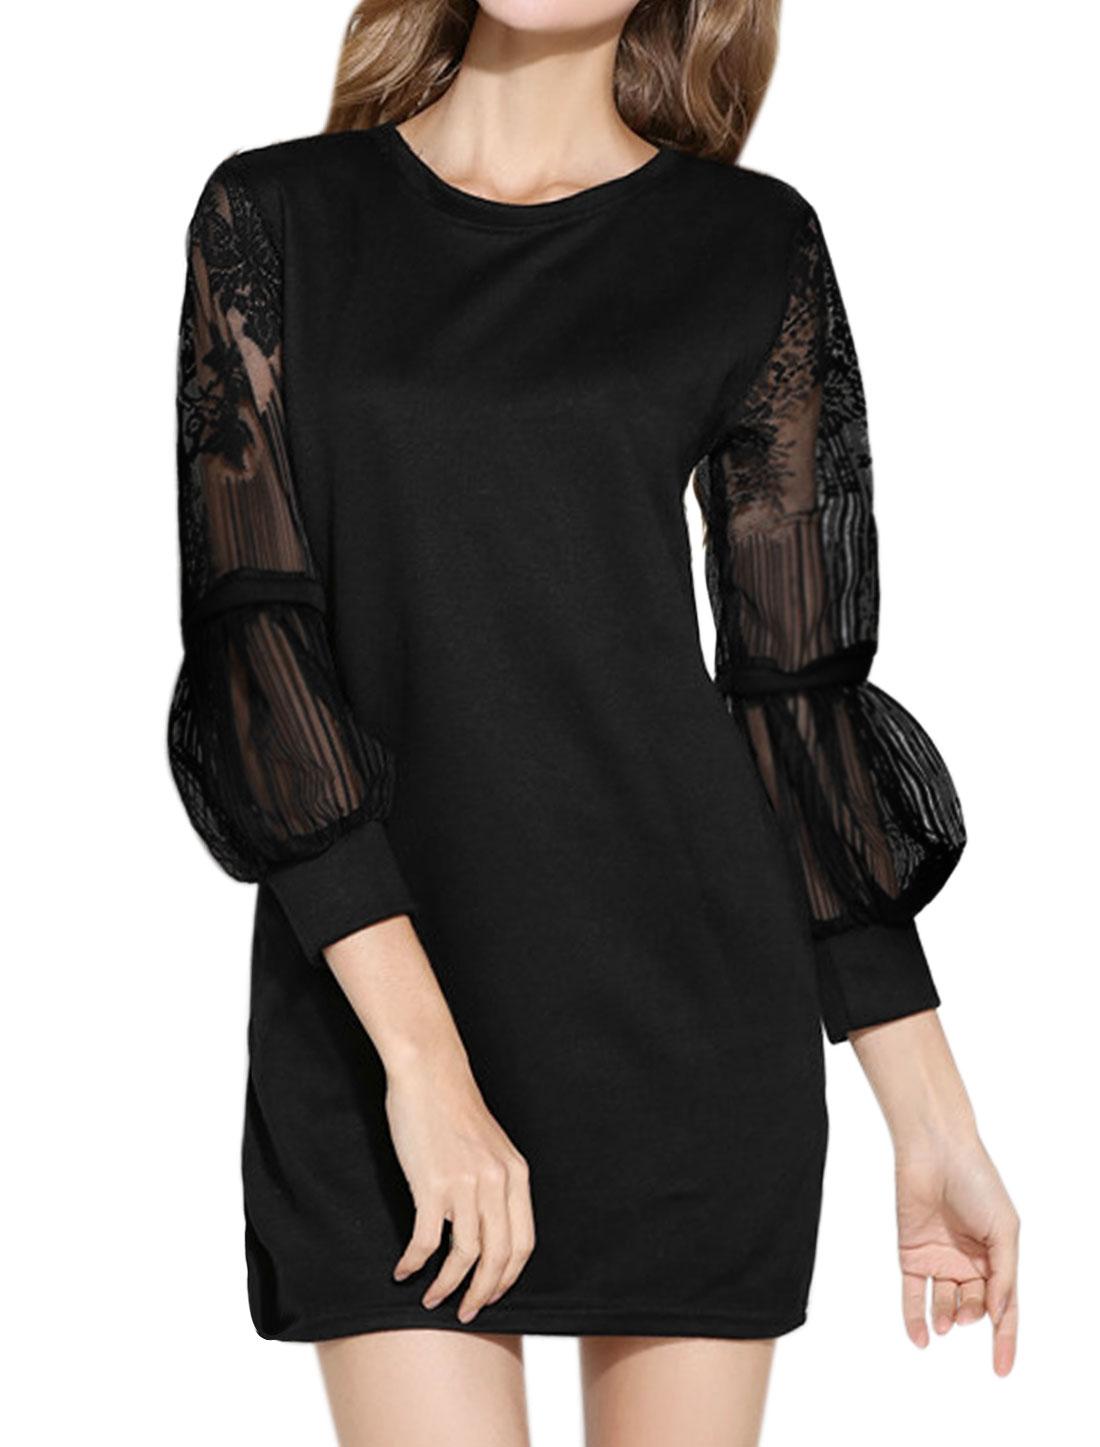 Women Floral Mesh Panel Lantern Sleeves Tunic Top Black S